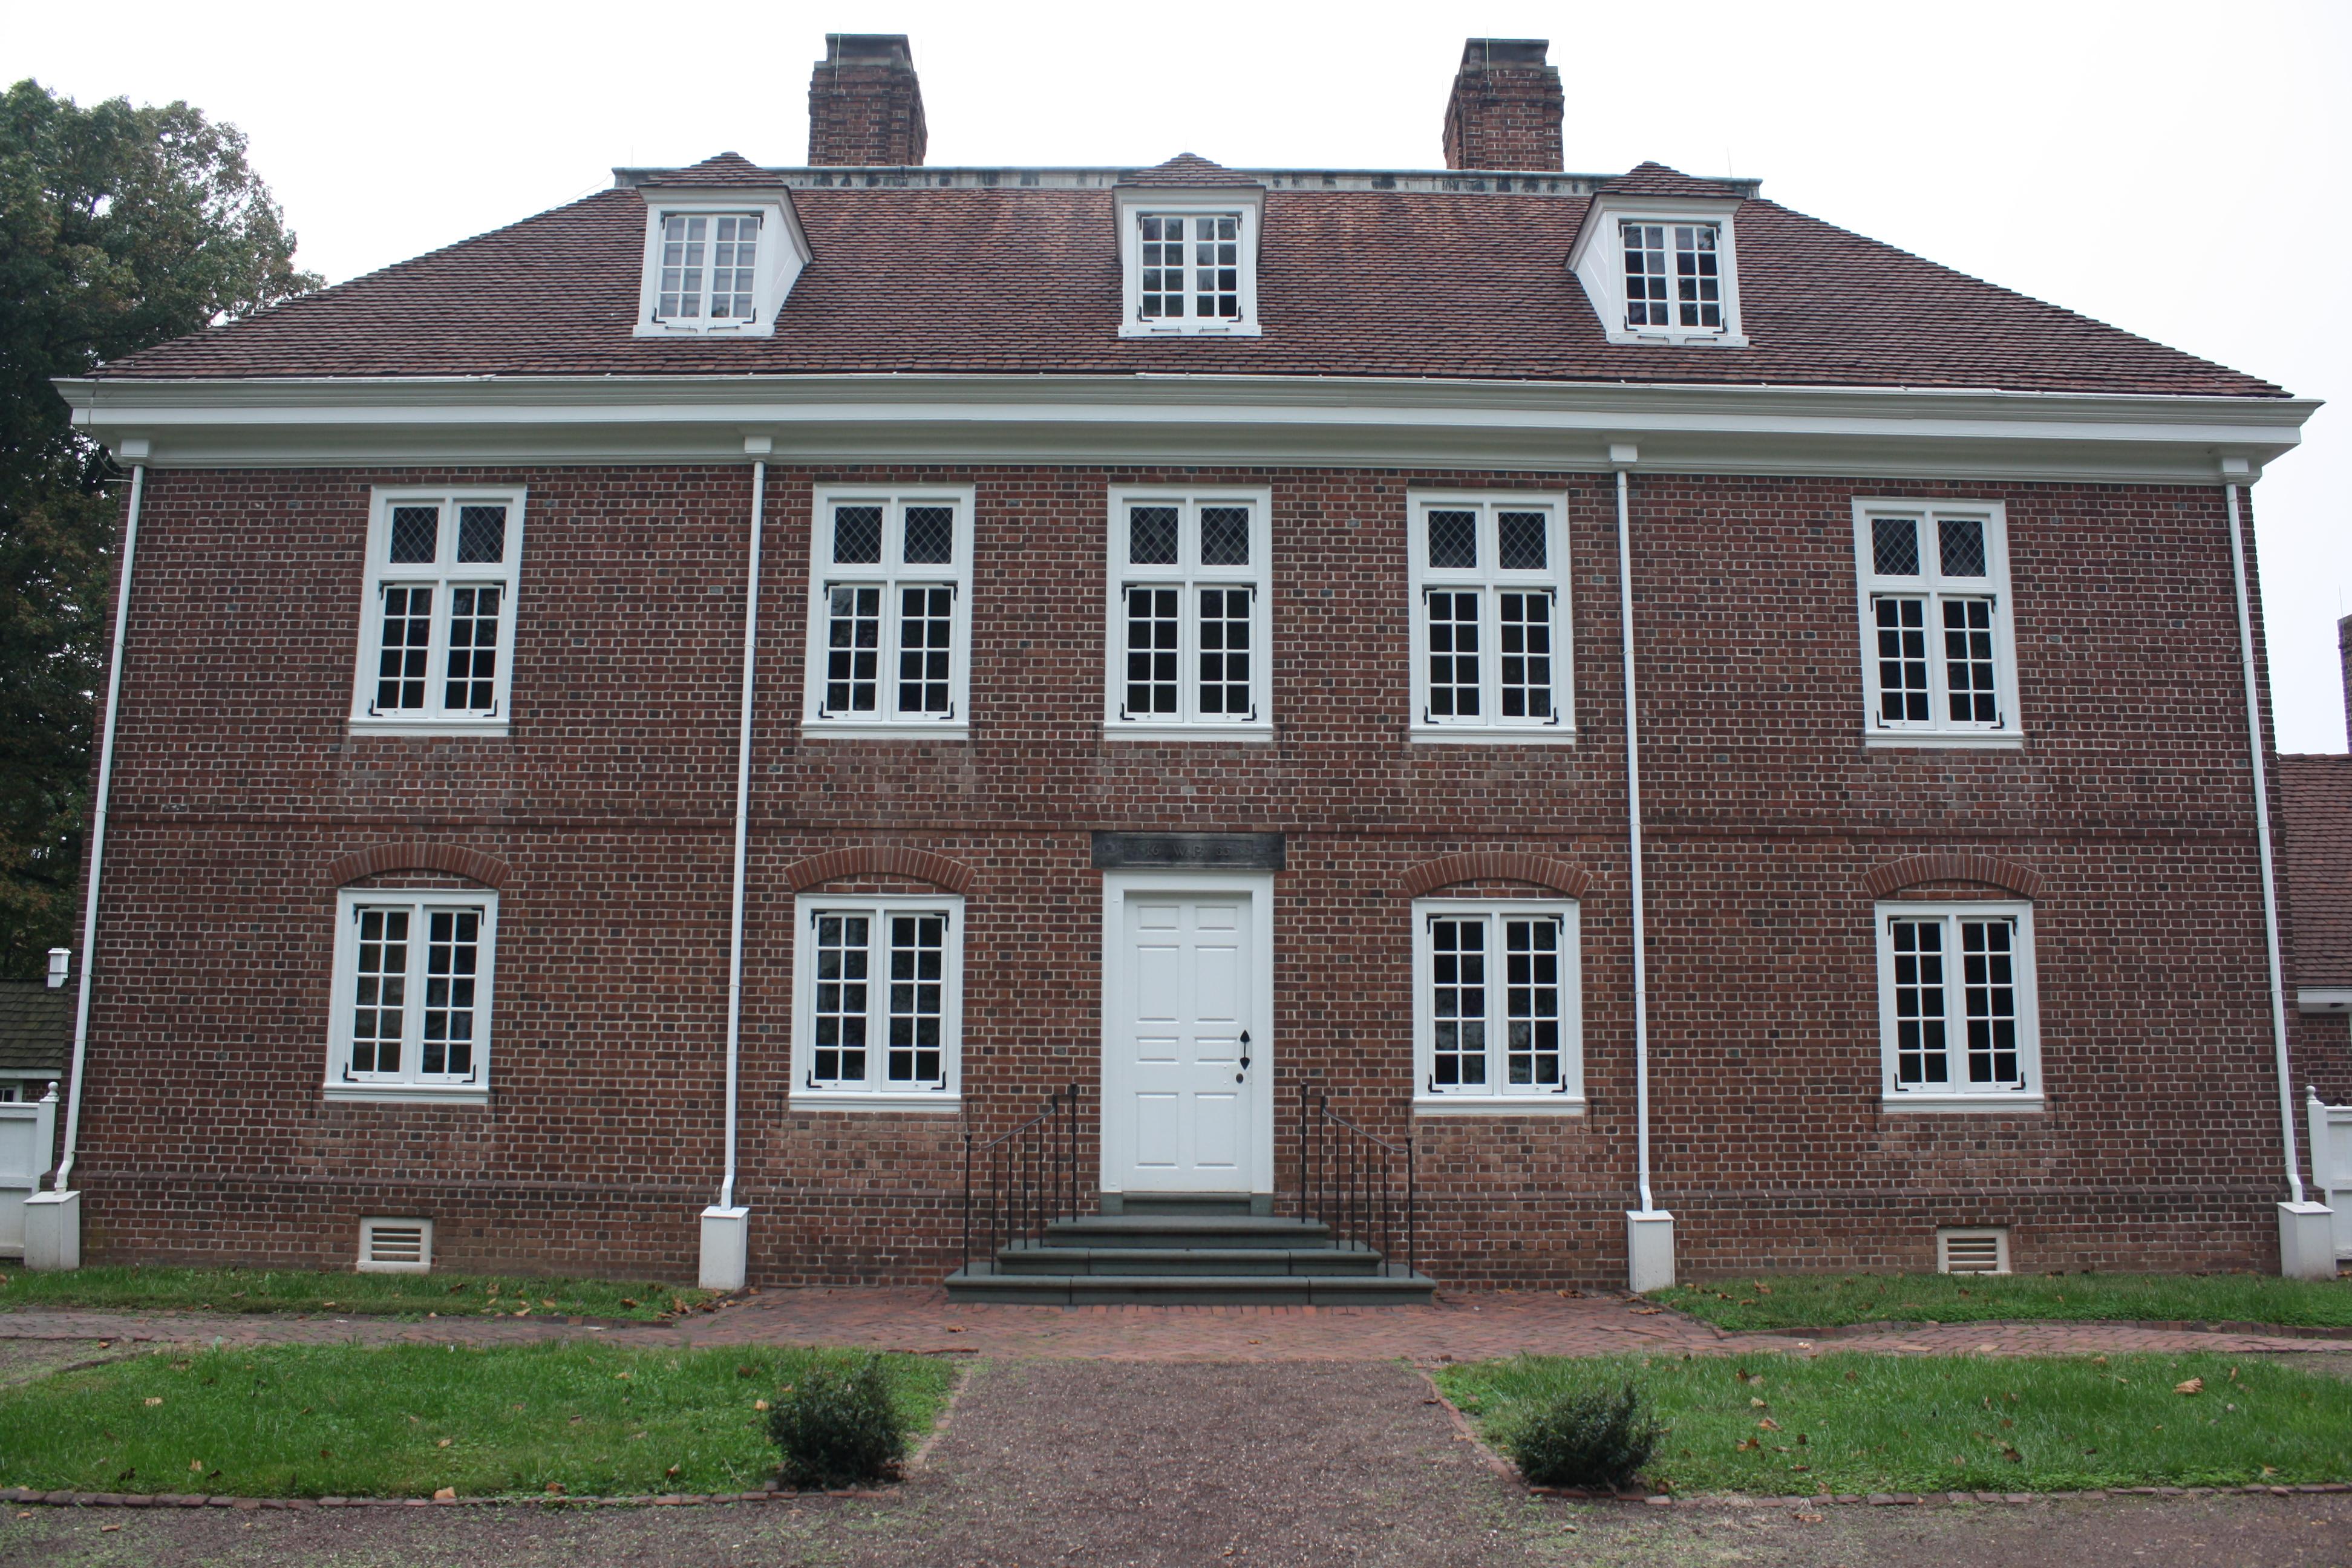 Pennsbury Manor - Wikipedia